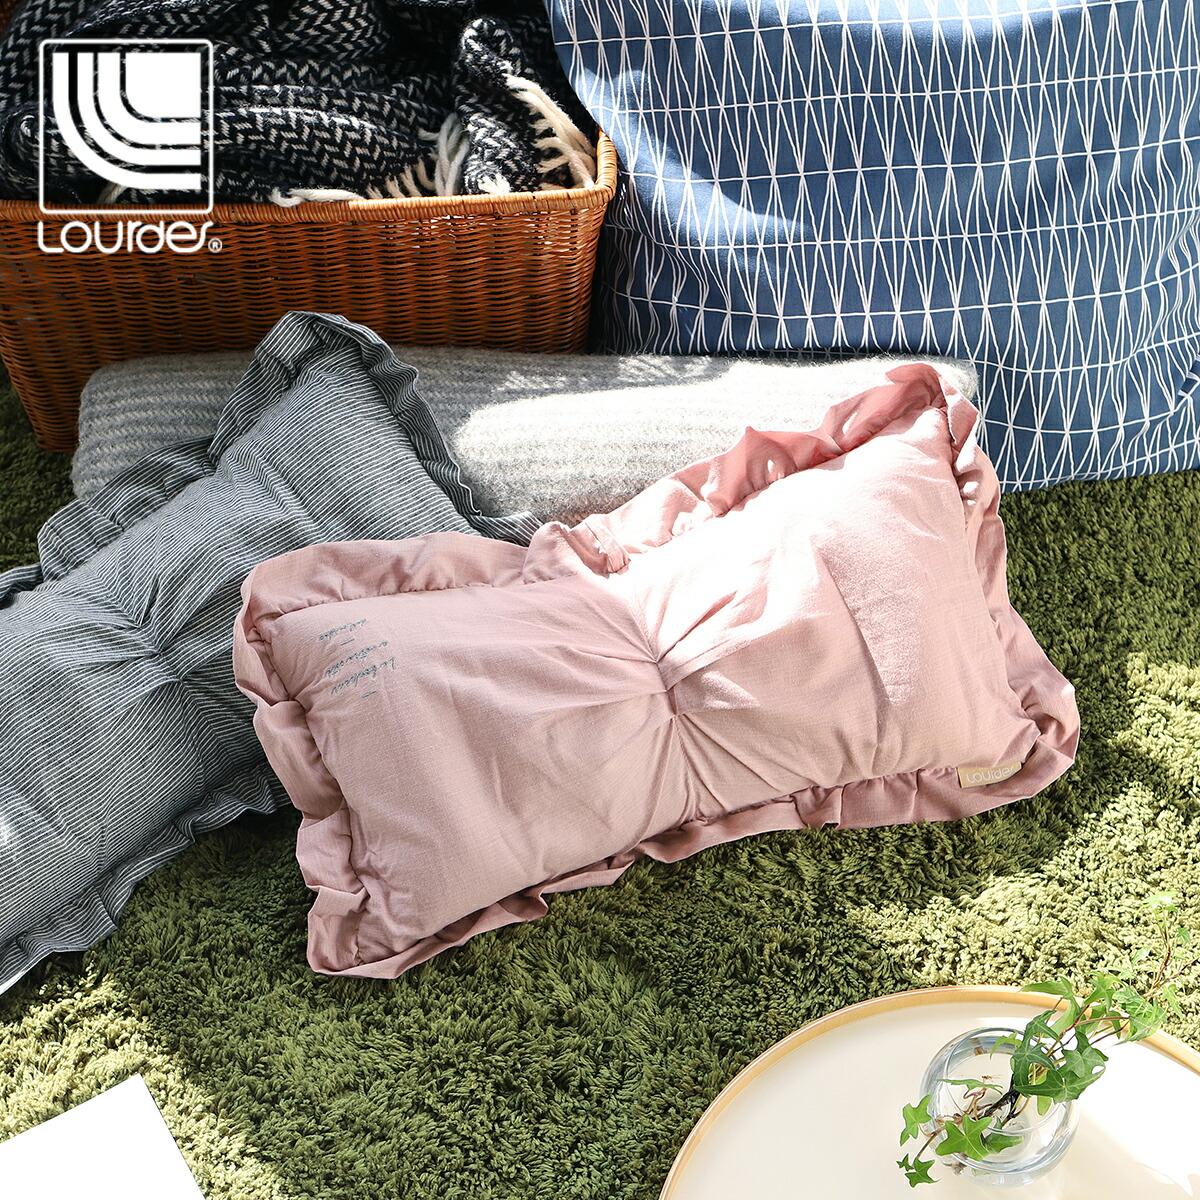 Lourdes / ルルド コードレス マッサージクッション AX-KCL7600